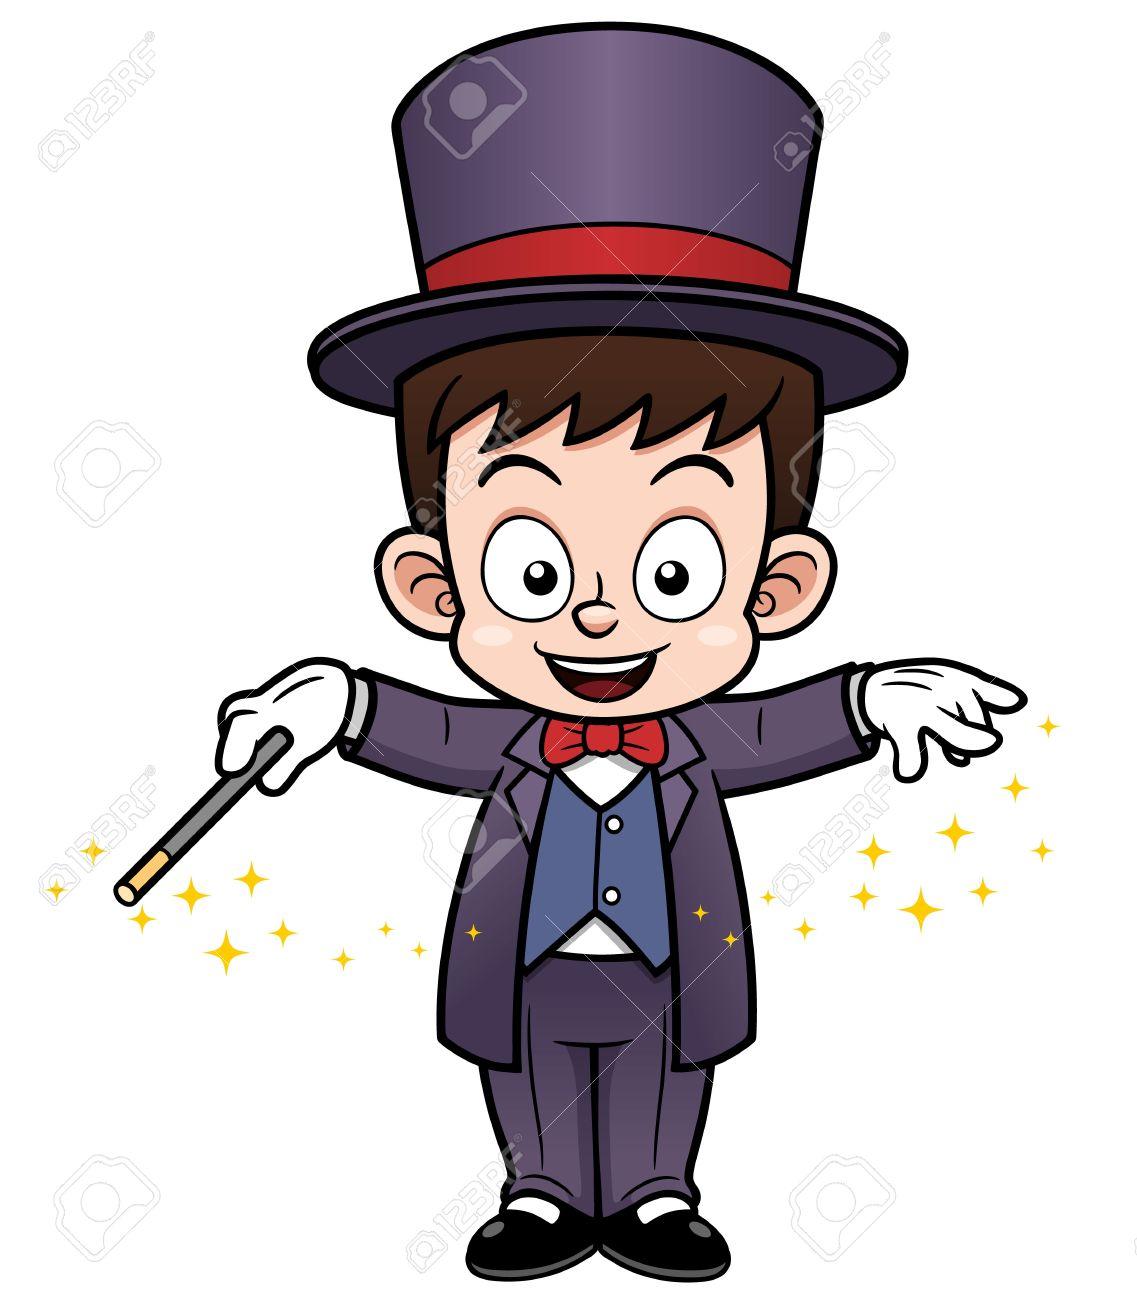 1137x1300 Magician Clipart Cartoon Person